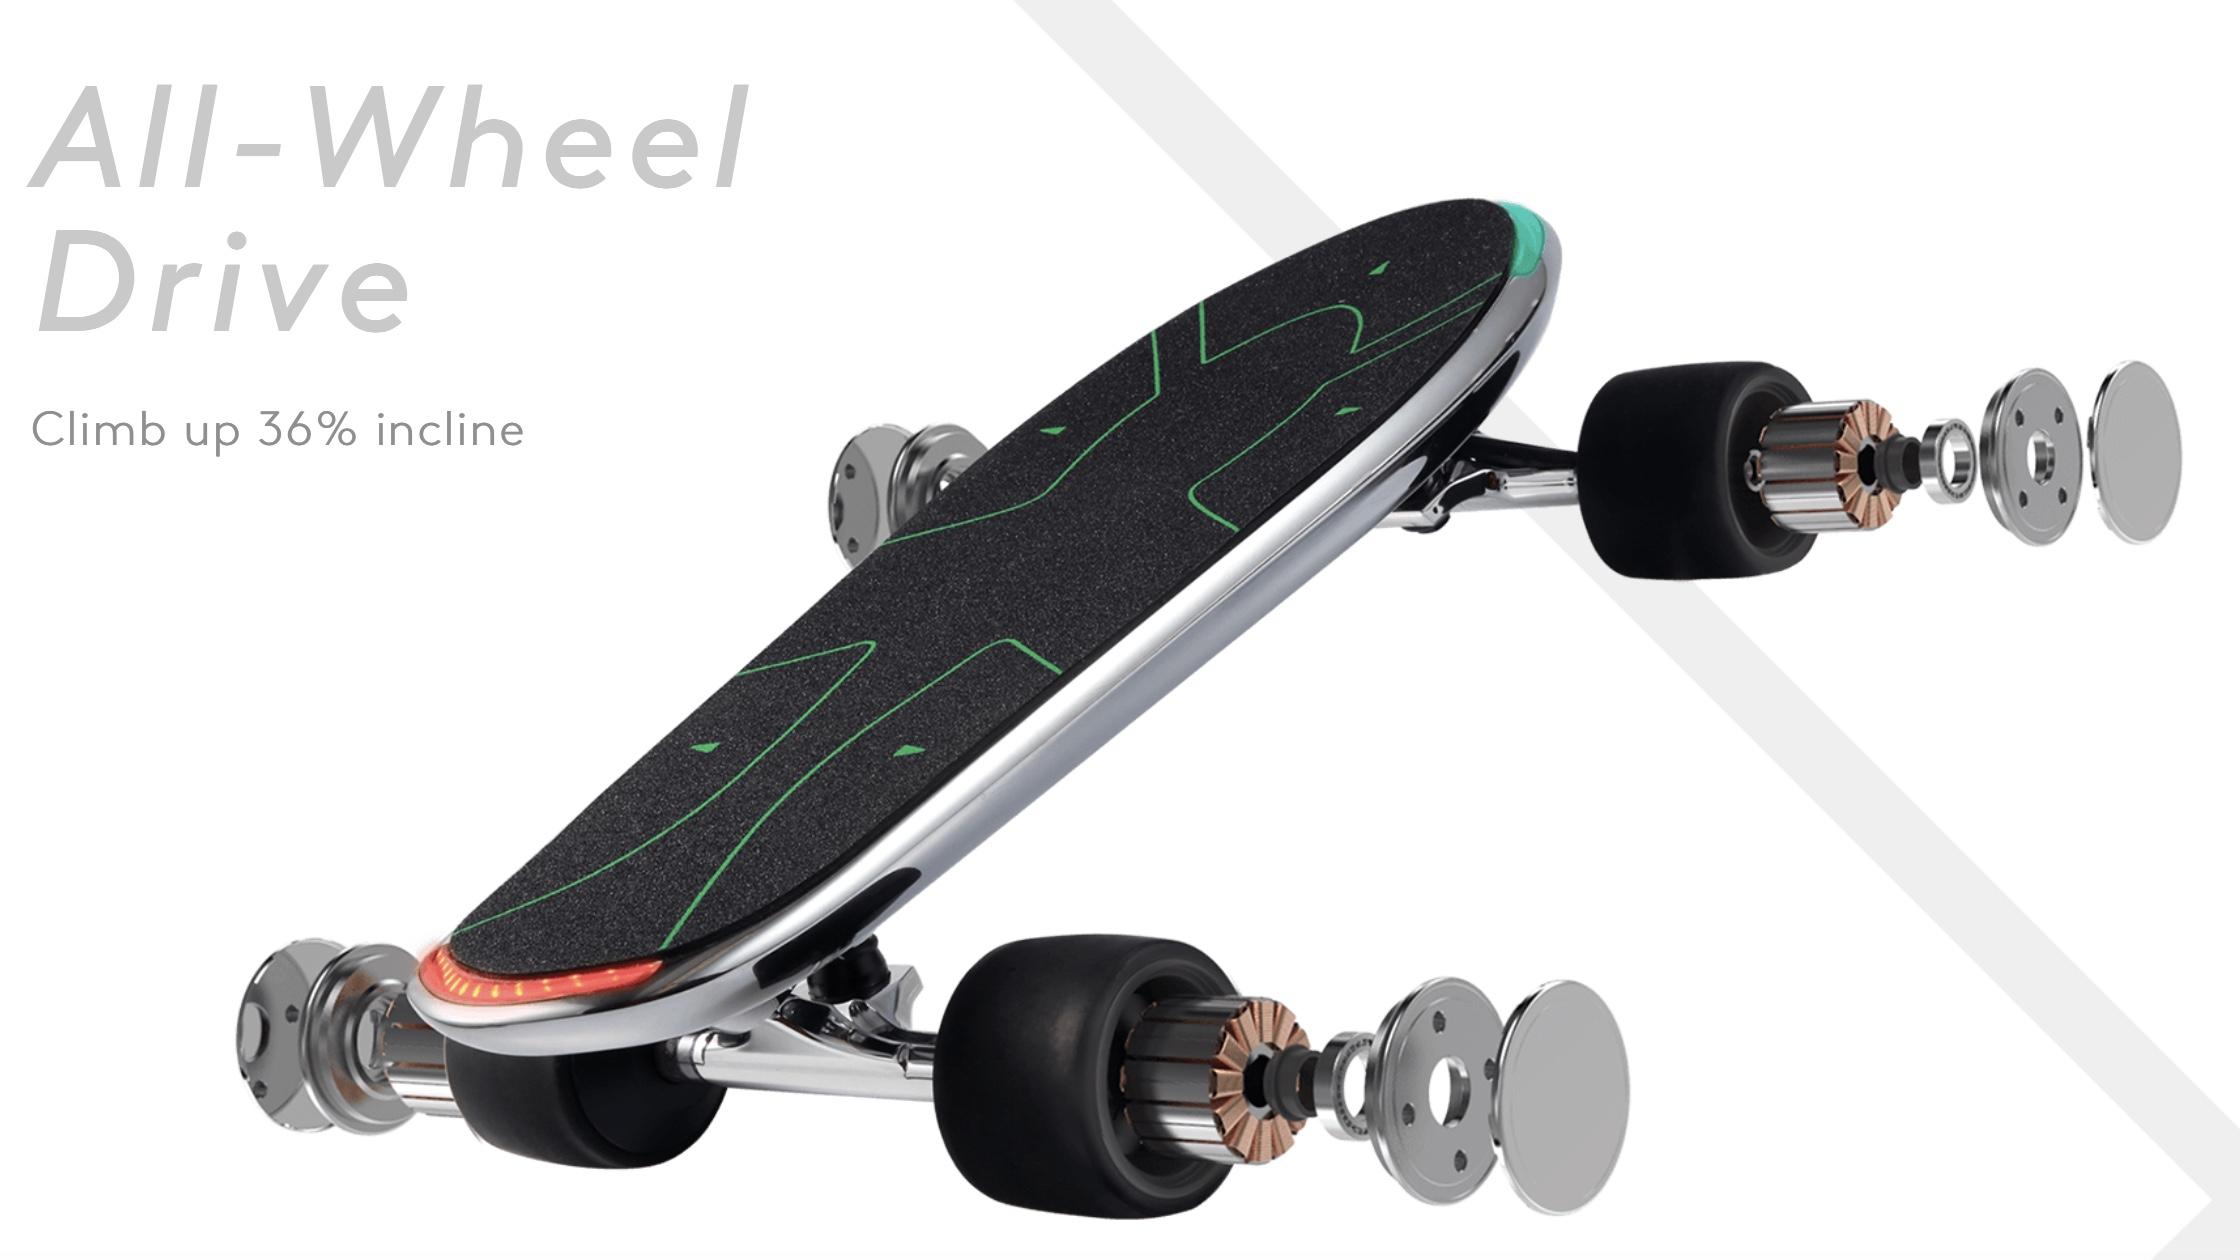 Walnutt SPECTRA Silver Skateboard